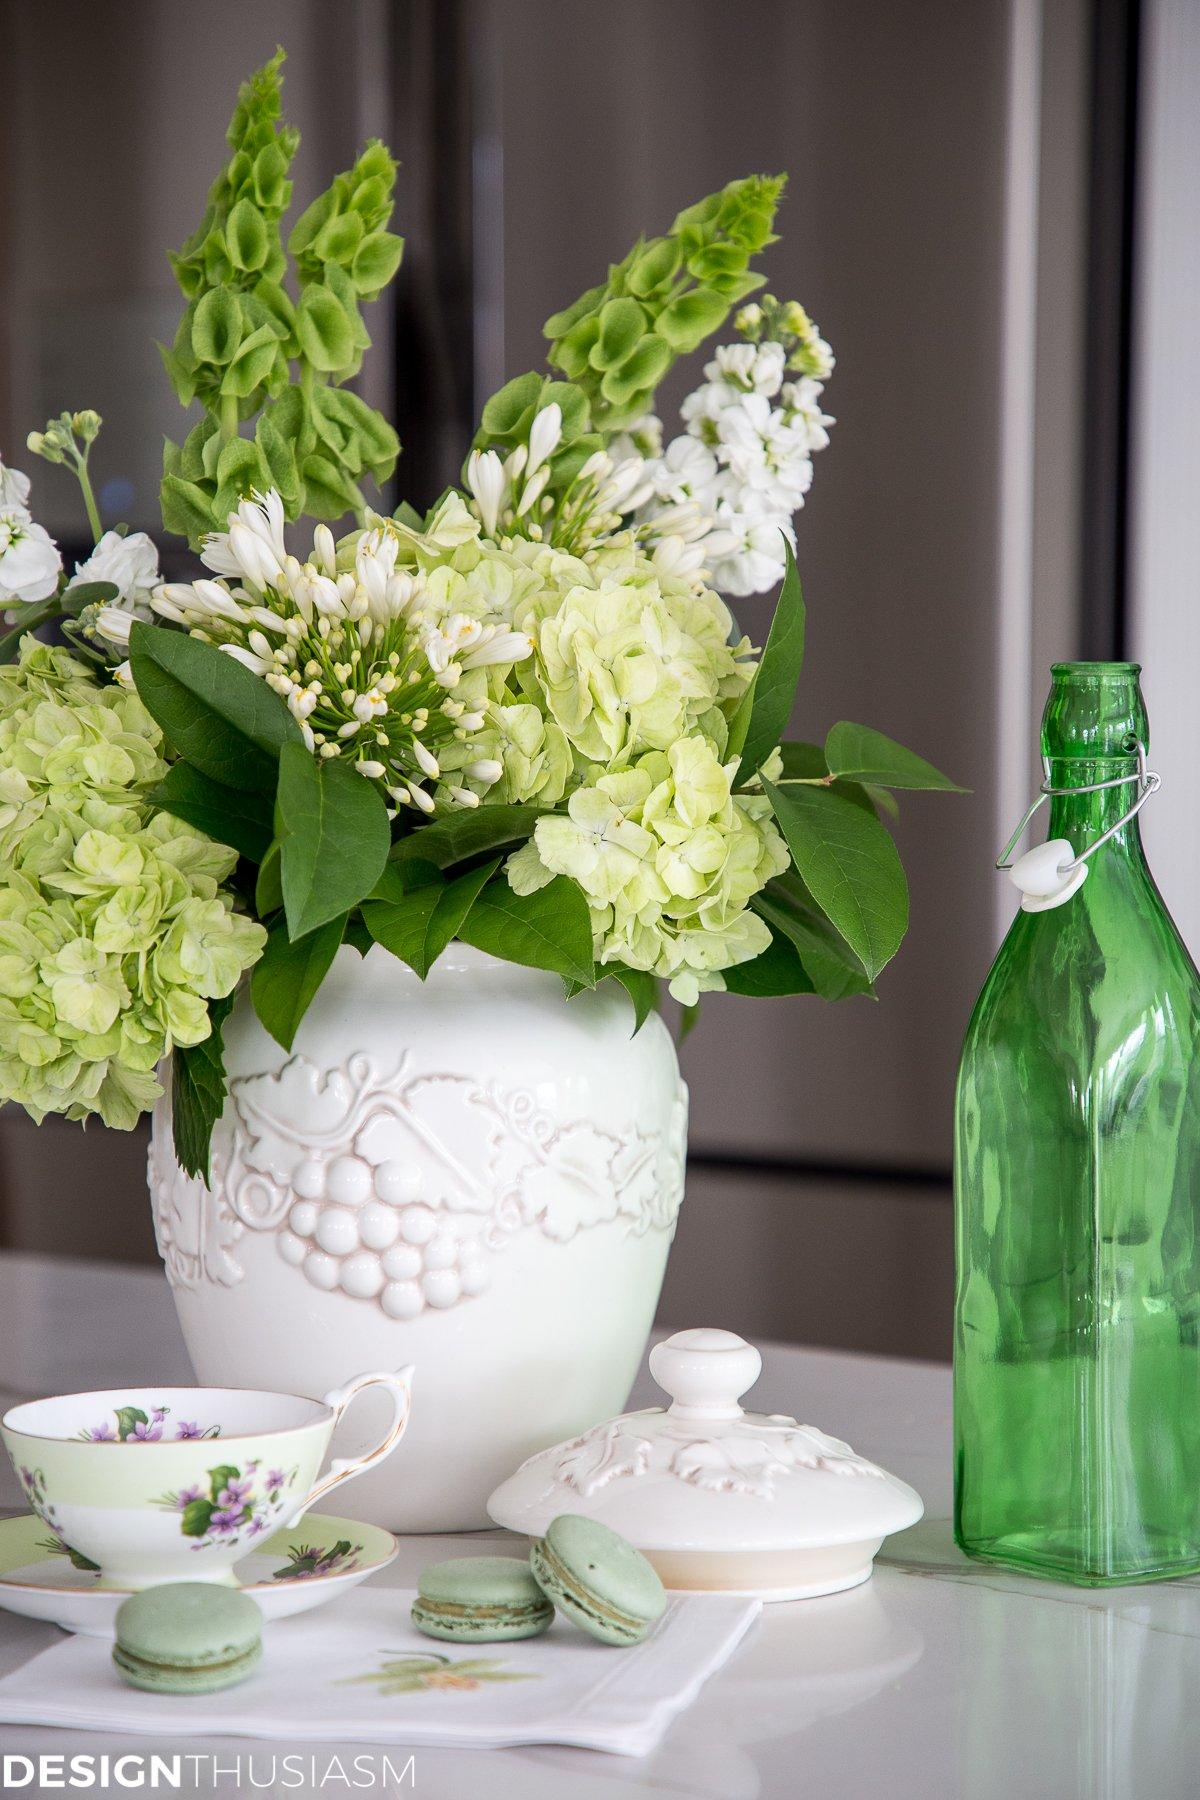 An Arrangement of Green Flowers